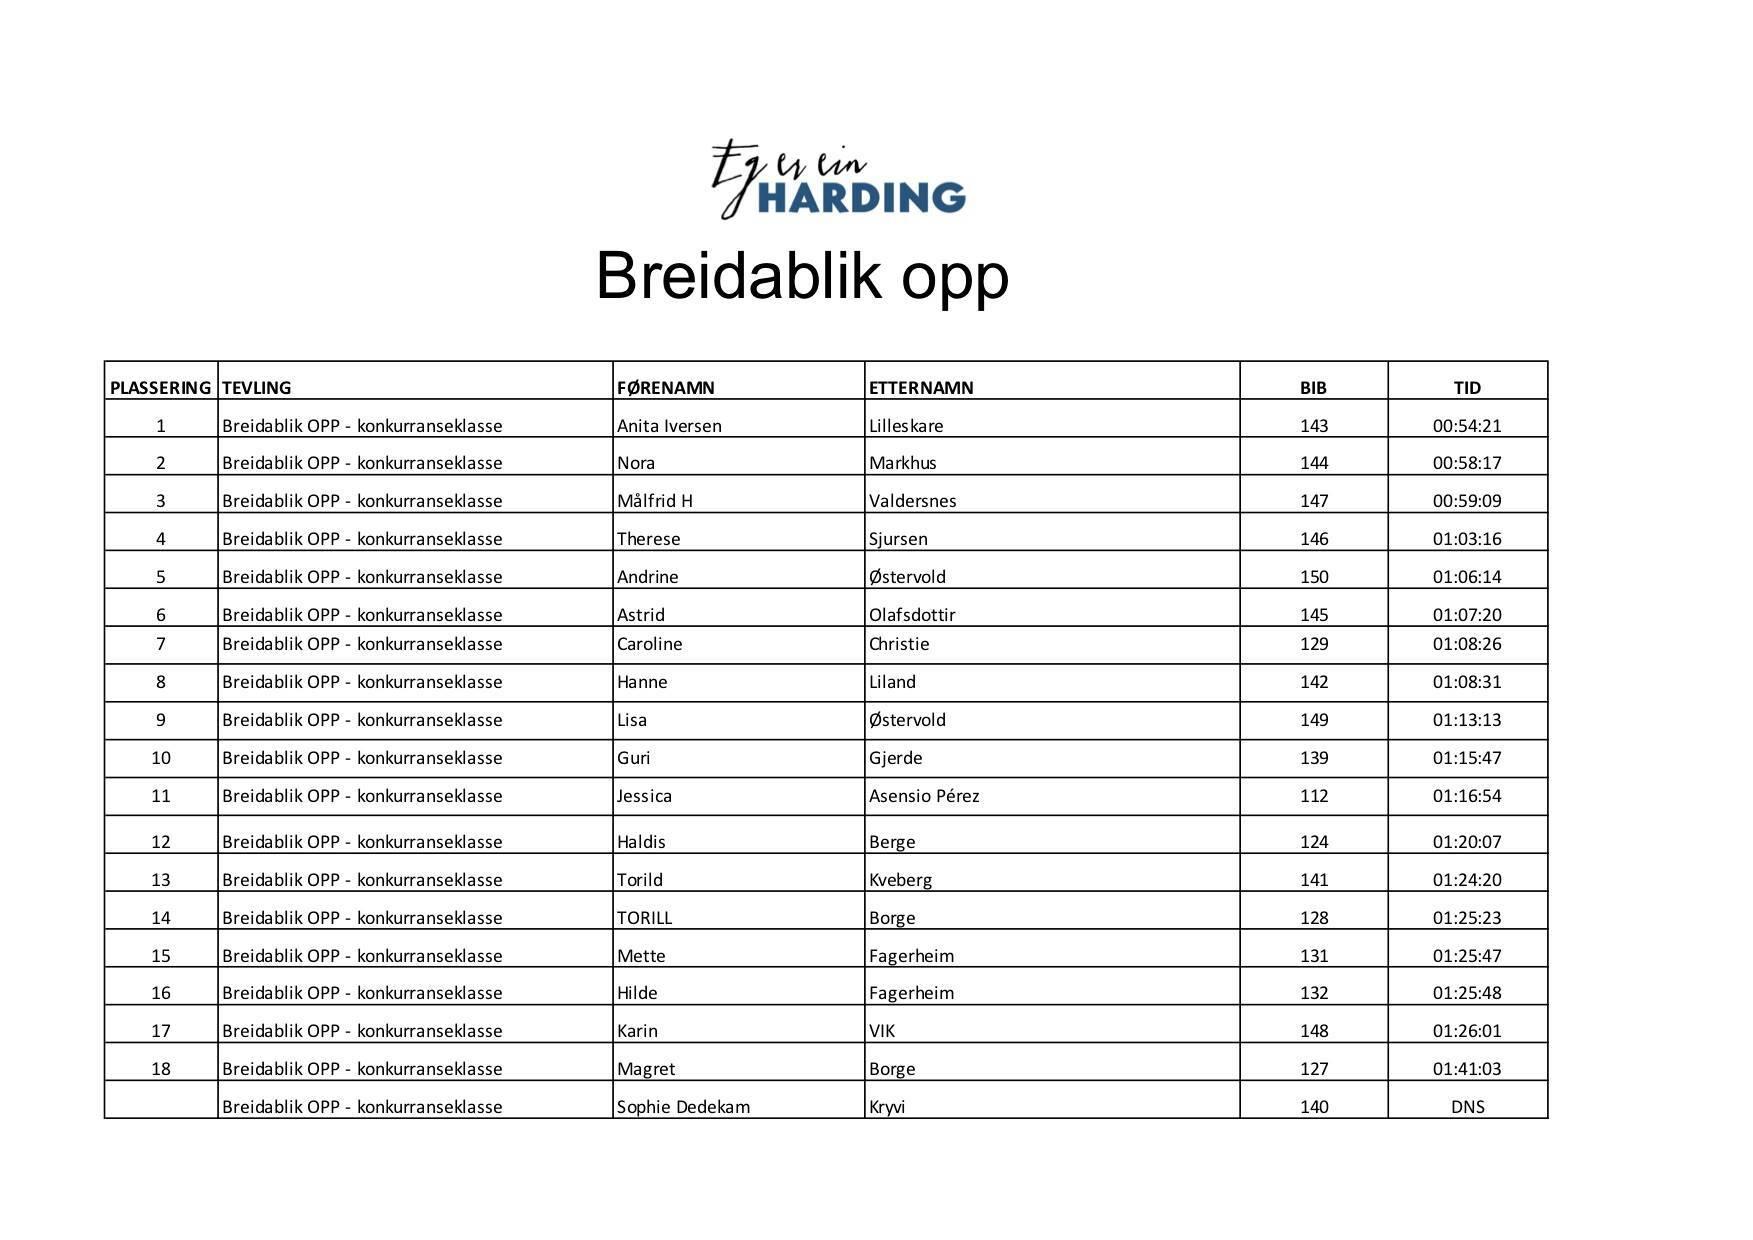 Breidablik_Opp_1.jpg